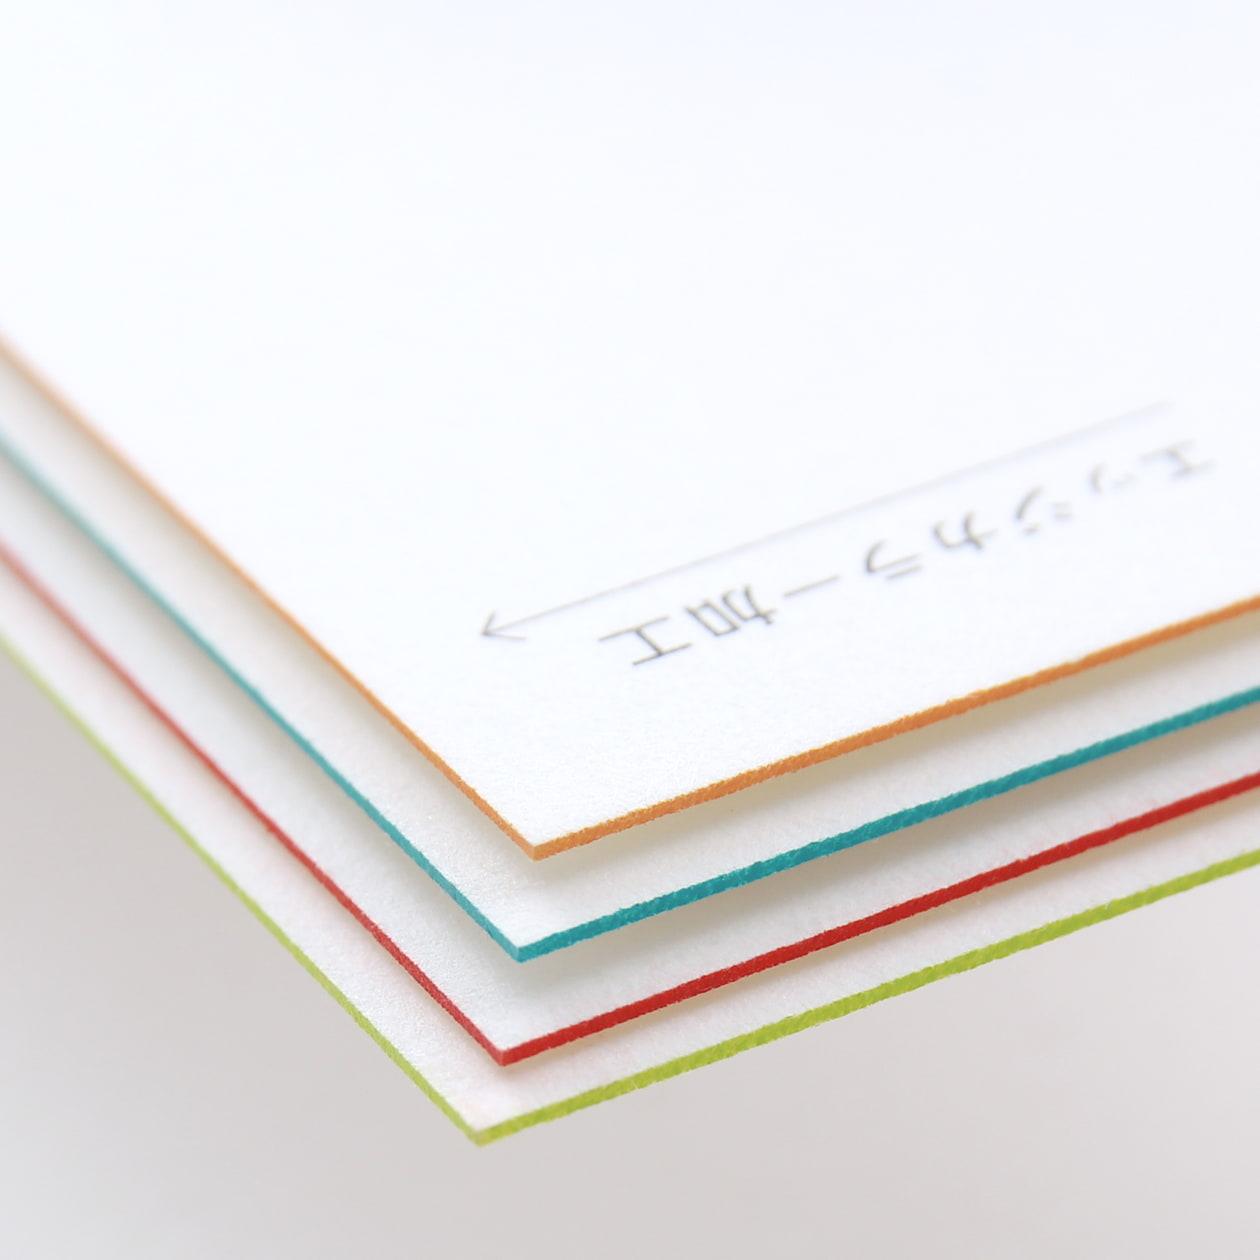 加工色見本 00216 ボーダード色サンプル 40枚セット